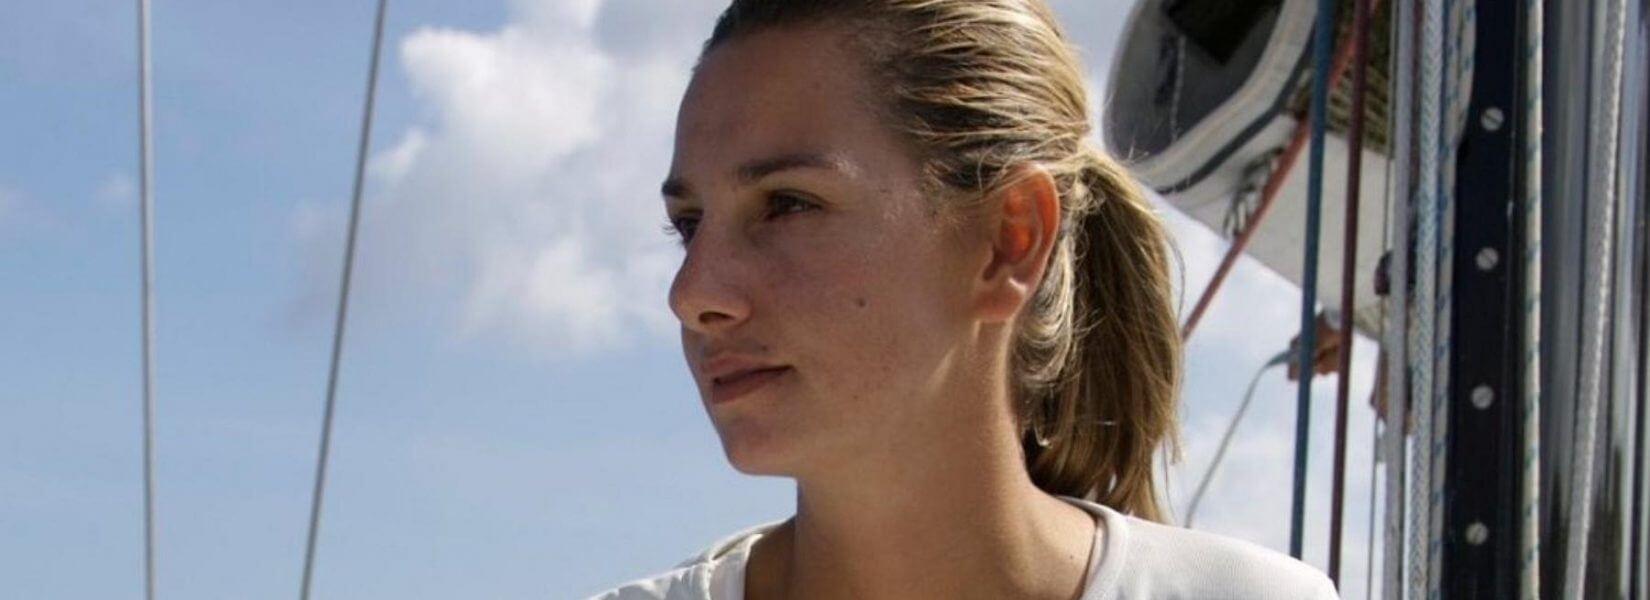 Η Ολυμπιονίκης Σοφία Μπεκατώρου μιλά για το βιασμό της και συγκλονίζει: